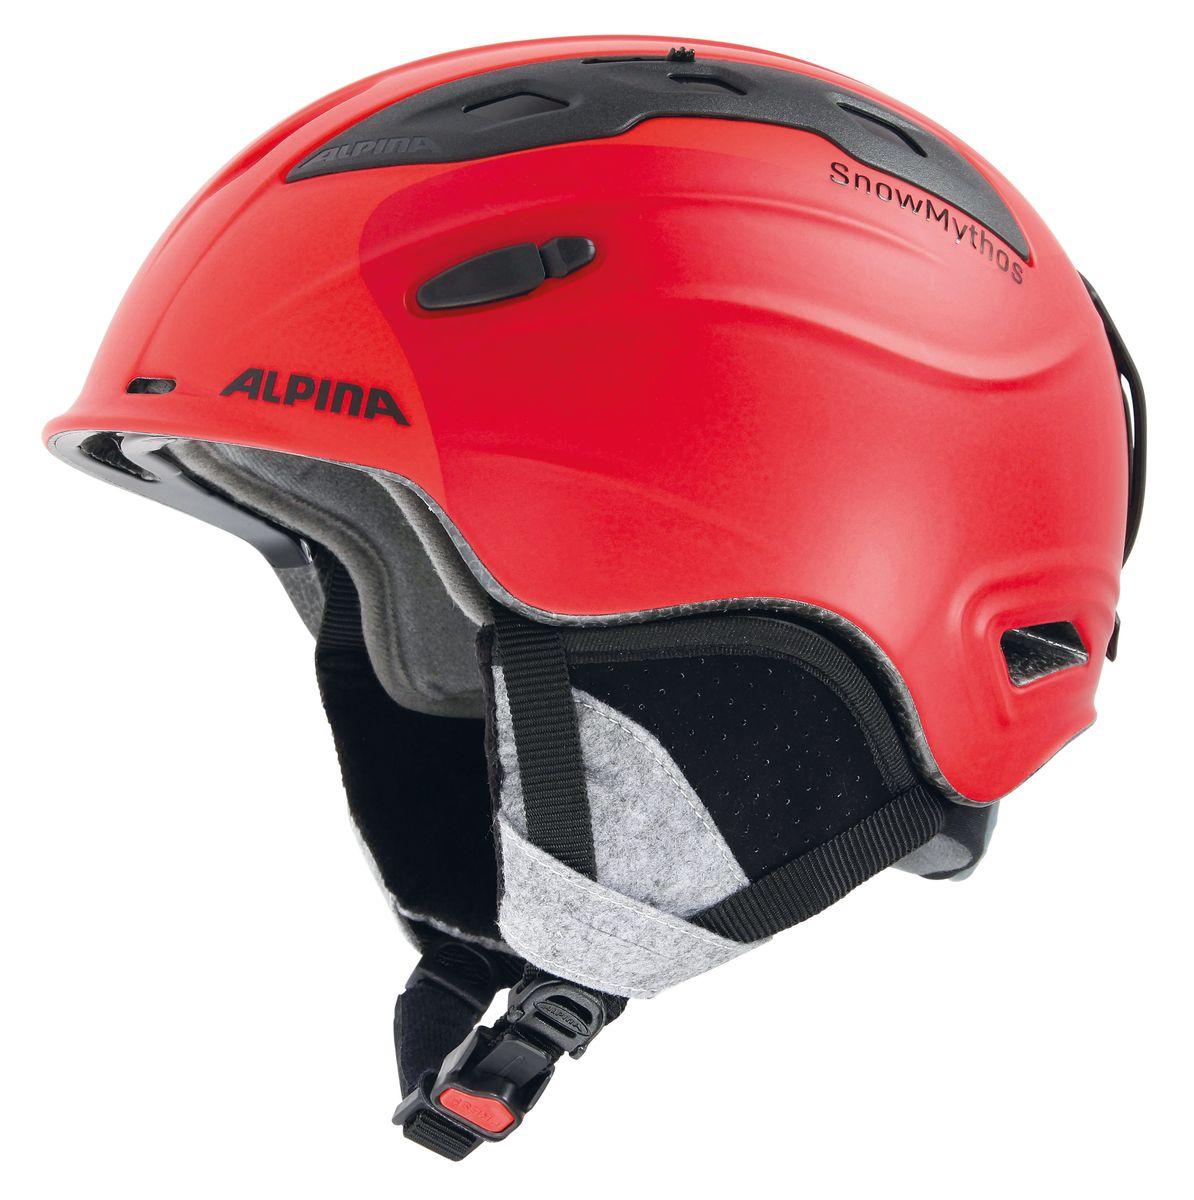 Шлем зимний Alpina Snowmythos, цвет: зеленый. Размер 55-594872Экстремально легкая модель шлема Alpina Snowmythos с прекрасными защитными свойствами. Для тех, ищет недорогую модель с клеймом «Сделано в Германии».Технологии: INMOLD TEC - технология соединения внутренней и внешней части шлема при помощи высокой температуры. Данный метод делает соединение исключительно прочным, а сам шлем легким. Такой метод соединения гораздо надежнее и безопаснее обычного склеивания.CERAMIC - особая технология производства внешней оболочки шлема. Используются легковесные материалы экстремально прочные и устойчивые к царапинам. Возможно использование при сильном УФ изучении, так же поверхность имеет антистатическое покрытие.RUN SYSTEM - простая система настройки шлема, позволяющая добиться надежной фиксации.AIRSTREAM CONTROL - регулируемые воздушные клапана для полного контроля внутренней вентиляции.REMOVABLE EARPADS - съемные амбушюры добавляют чувства свободы во время катания в теплую погоду, не в ущерб безопасности. При падении температуры, амбушюры легко устанавливаются обратно на шлем. CHANGEABLE INTERIOR - съемная внутренняя часть. Допускается стирка в теплой мыльной воде.NECKWARMER - дополнительное утепление шеи. Изготовлено из мягкого флиса. 3D FIT - ремень, позволяющий регулироваться затылочную часть шлема. Пять позиций позволят настроить идеальную посадку.